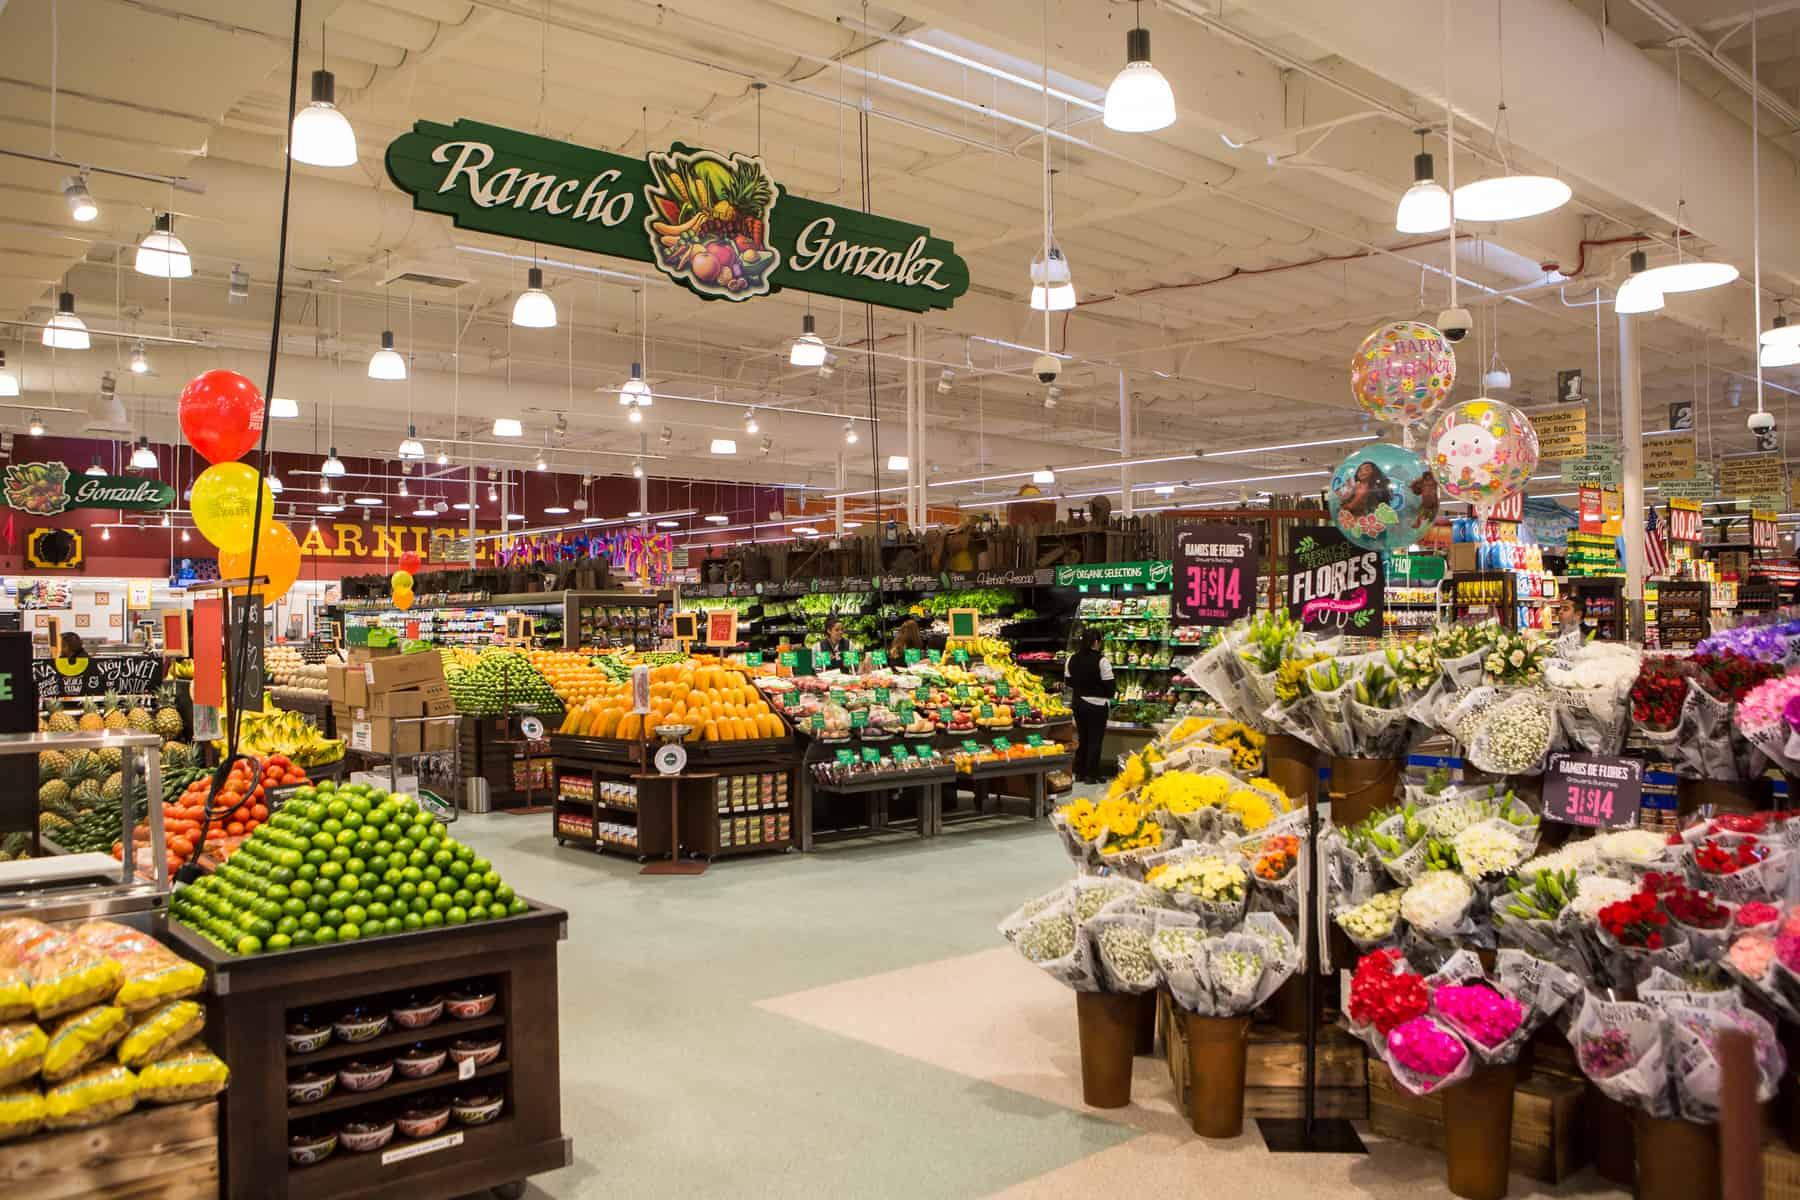 Northgate González Market